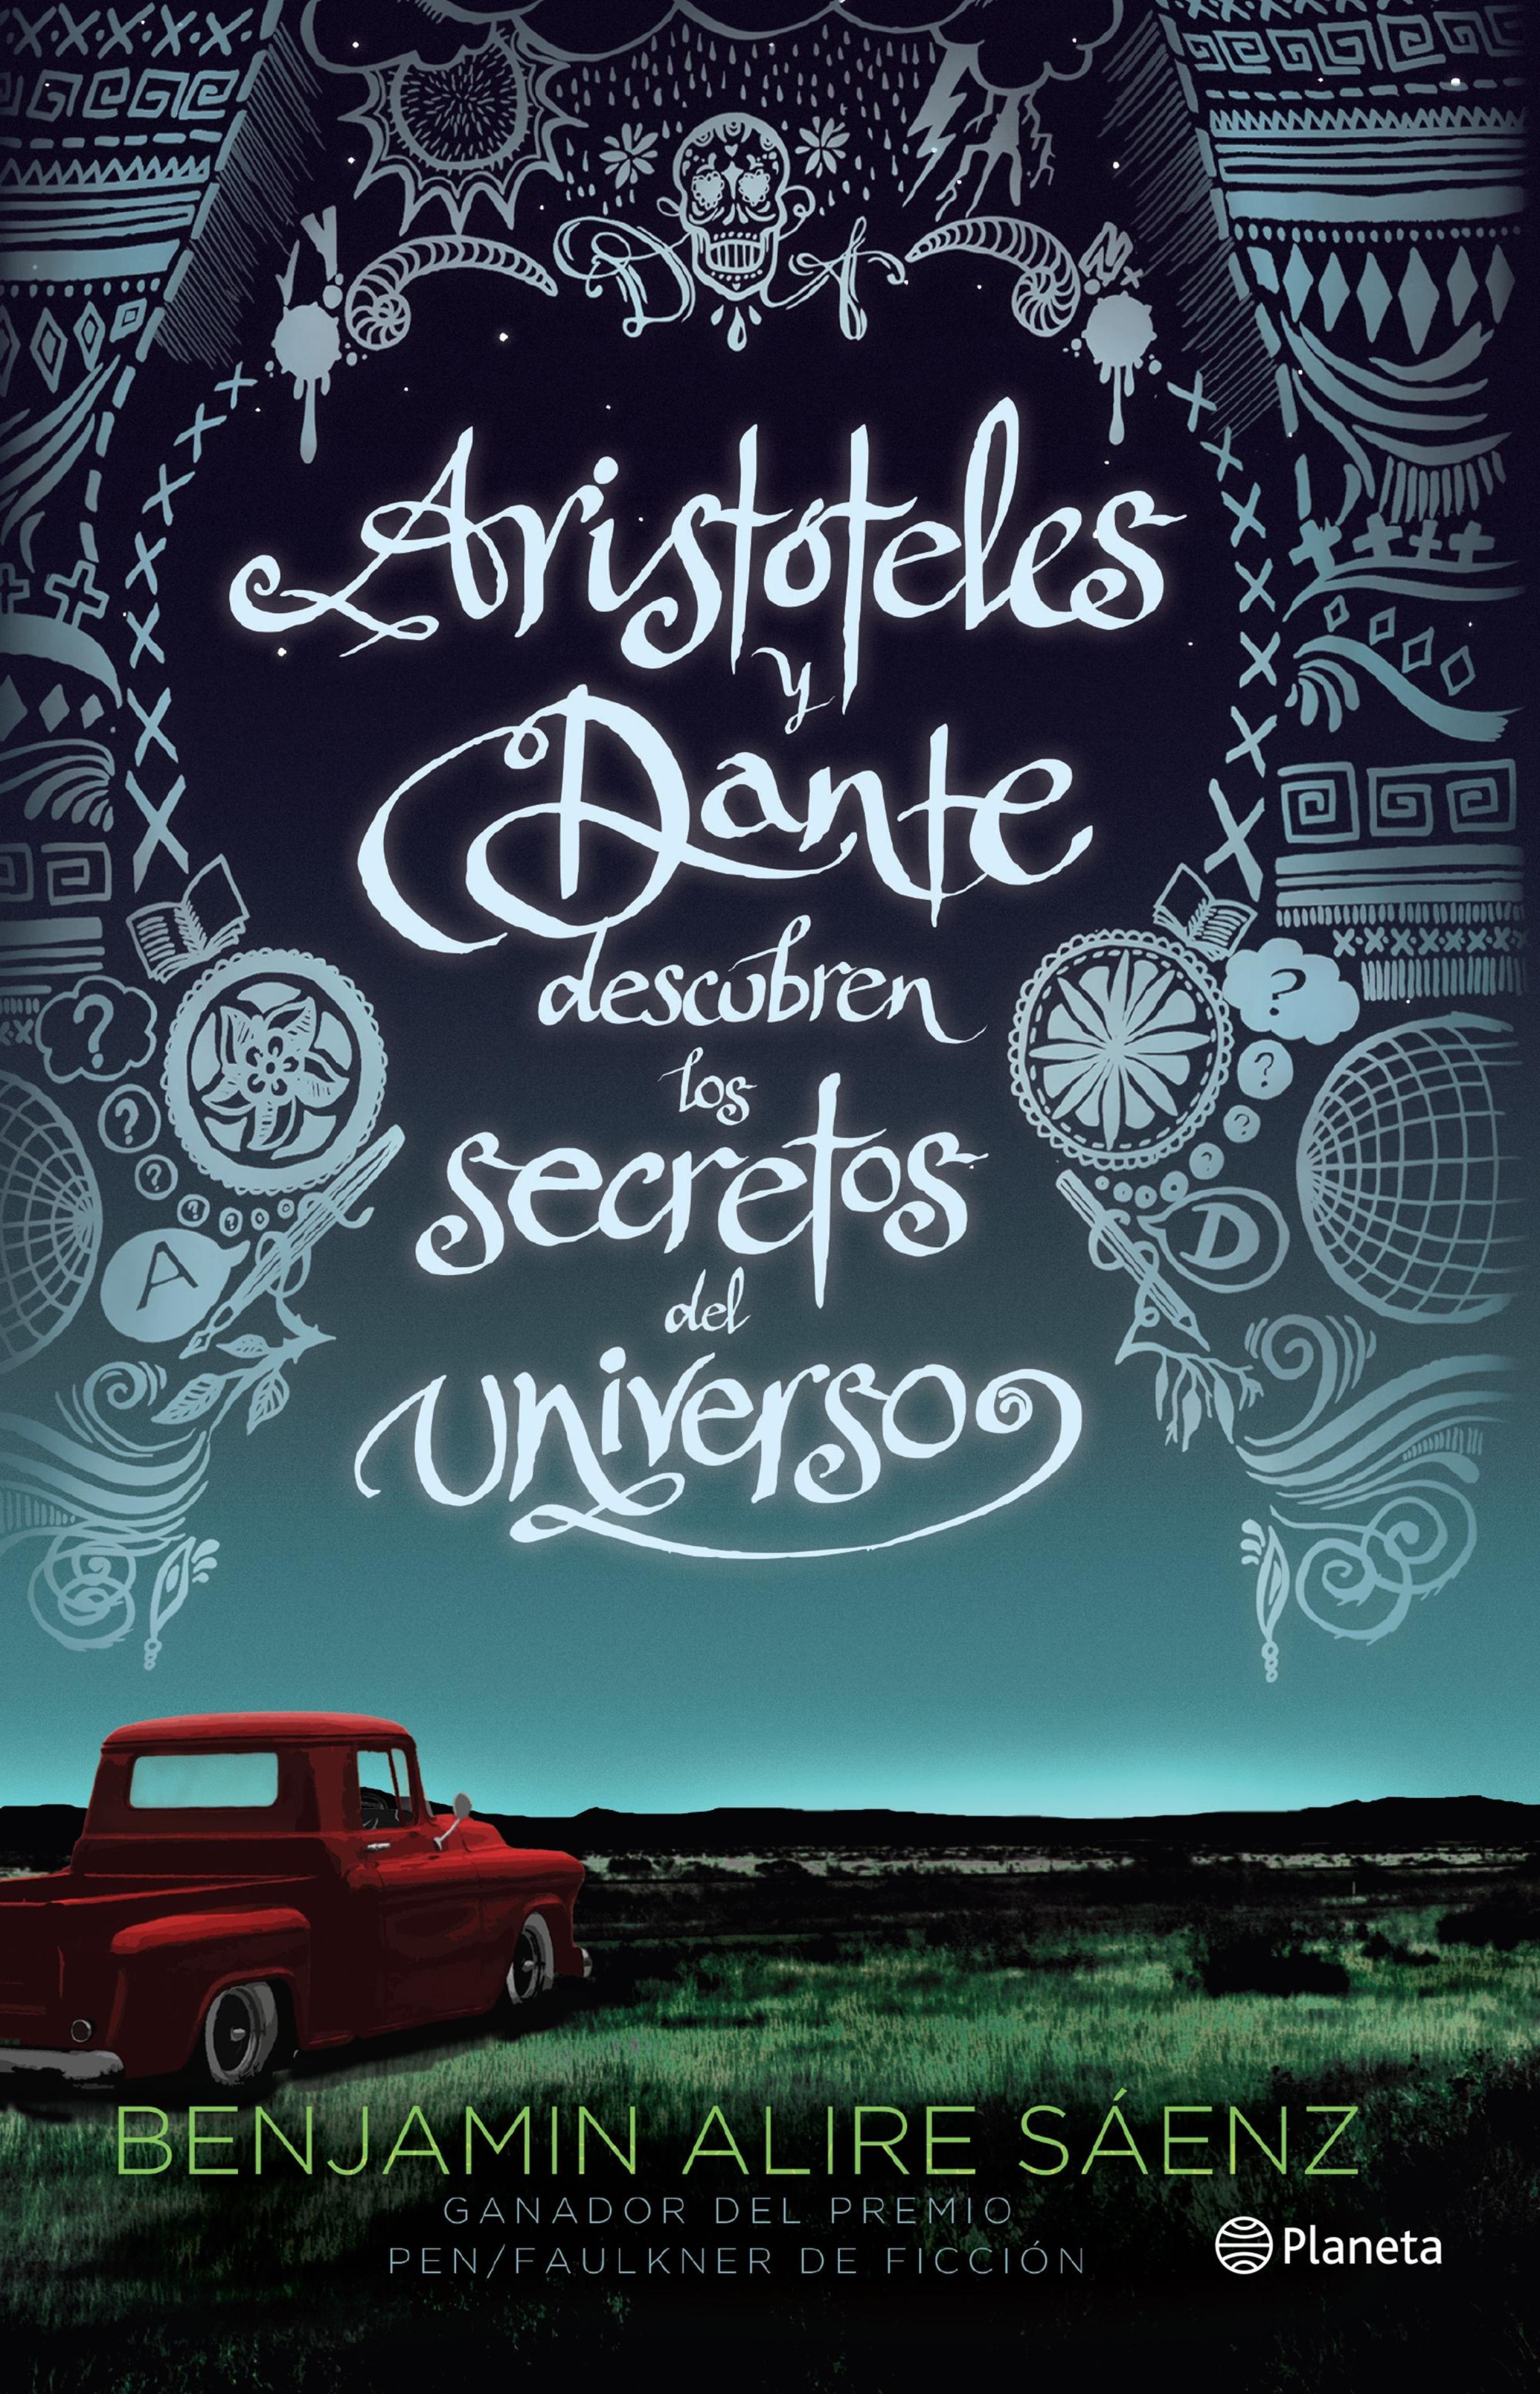 Resultado de imagen para aristoteles y dante descubren los secretos del universo